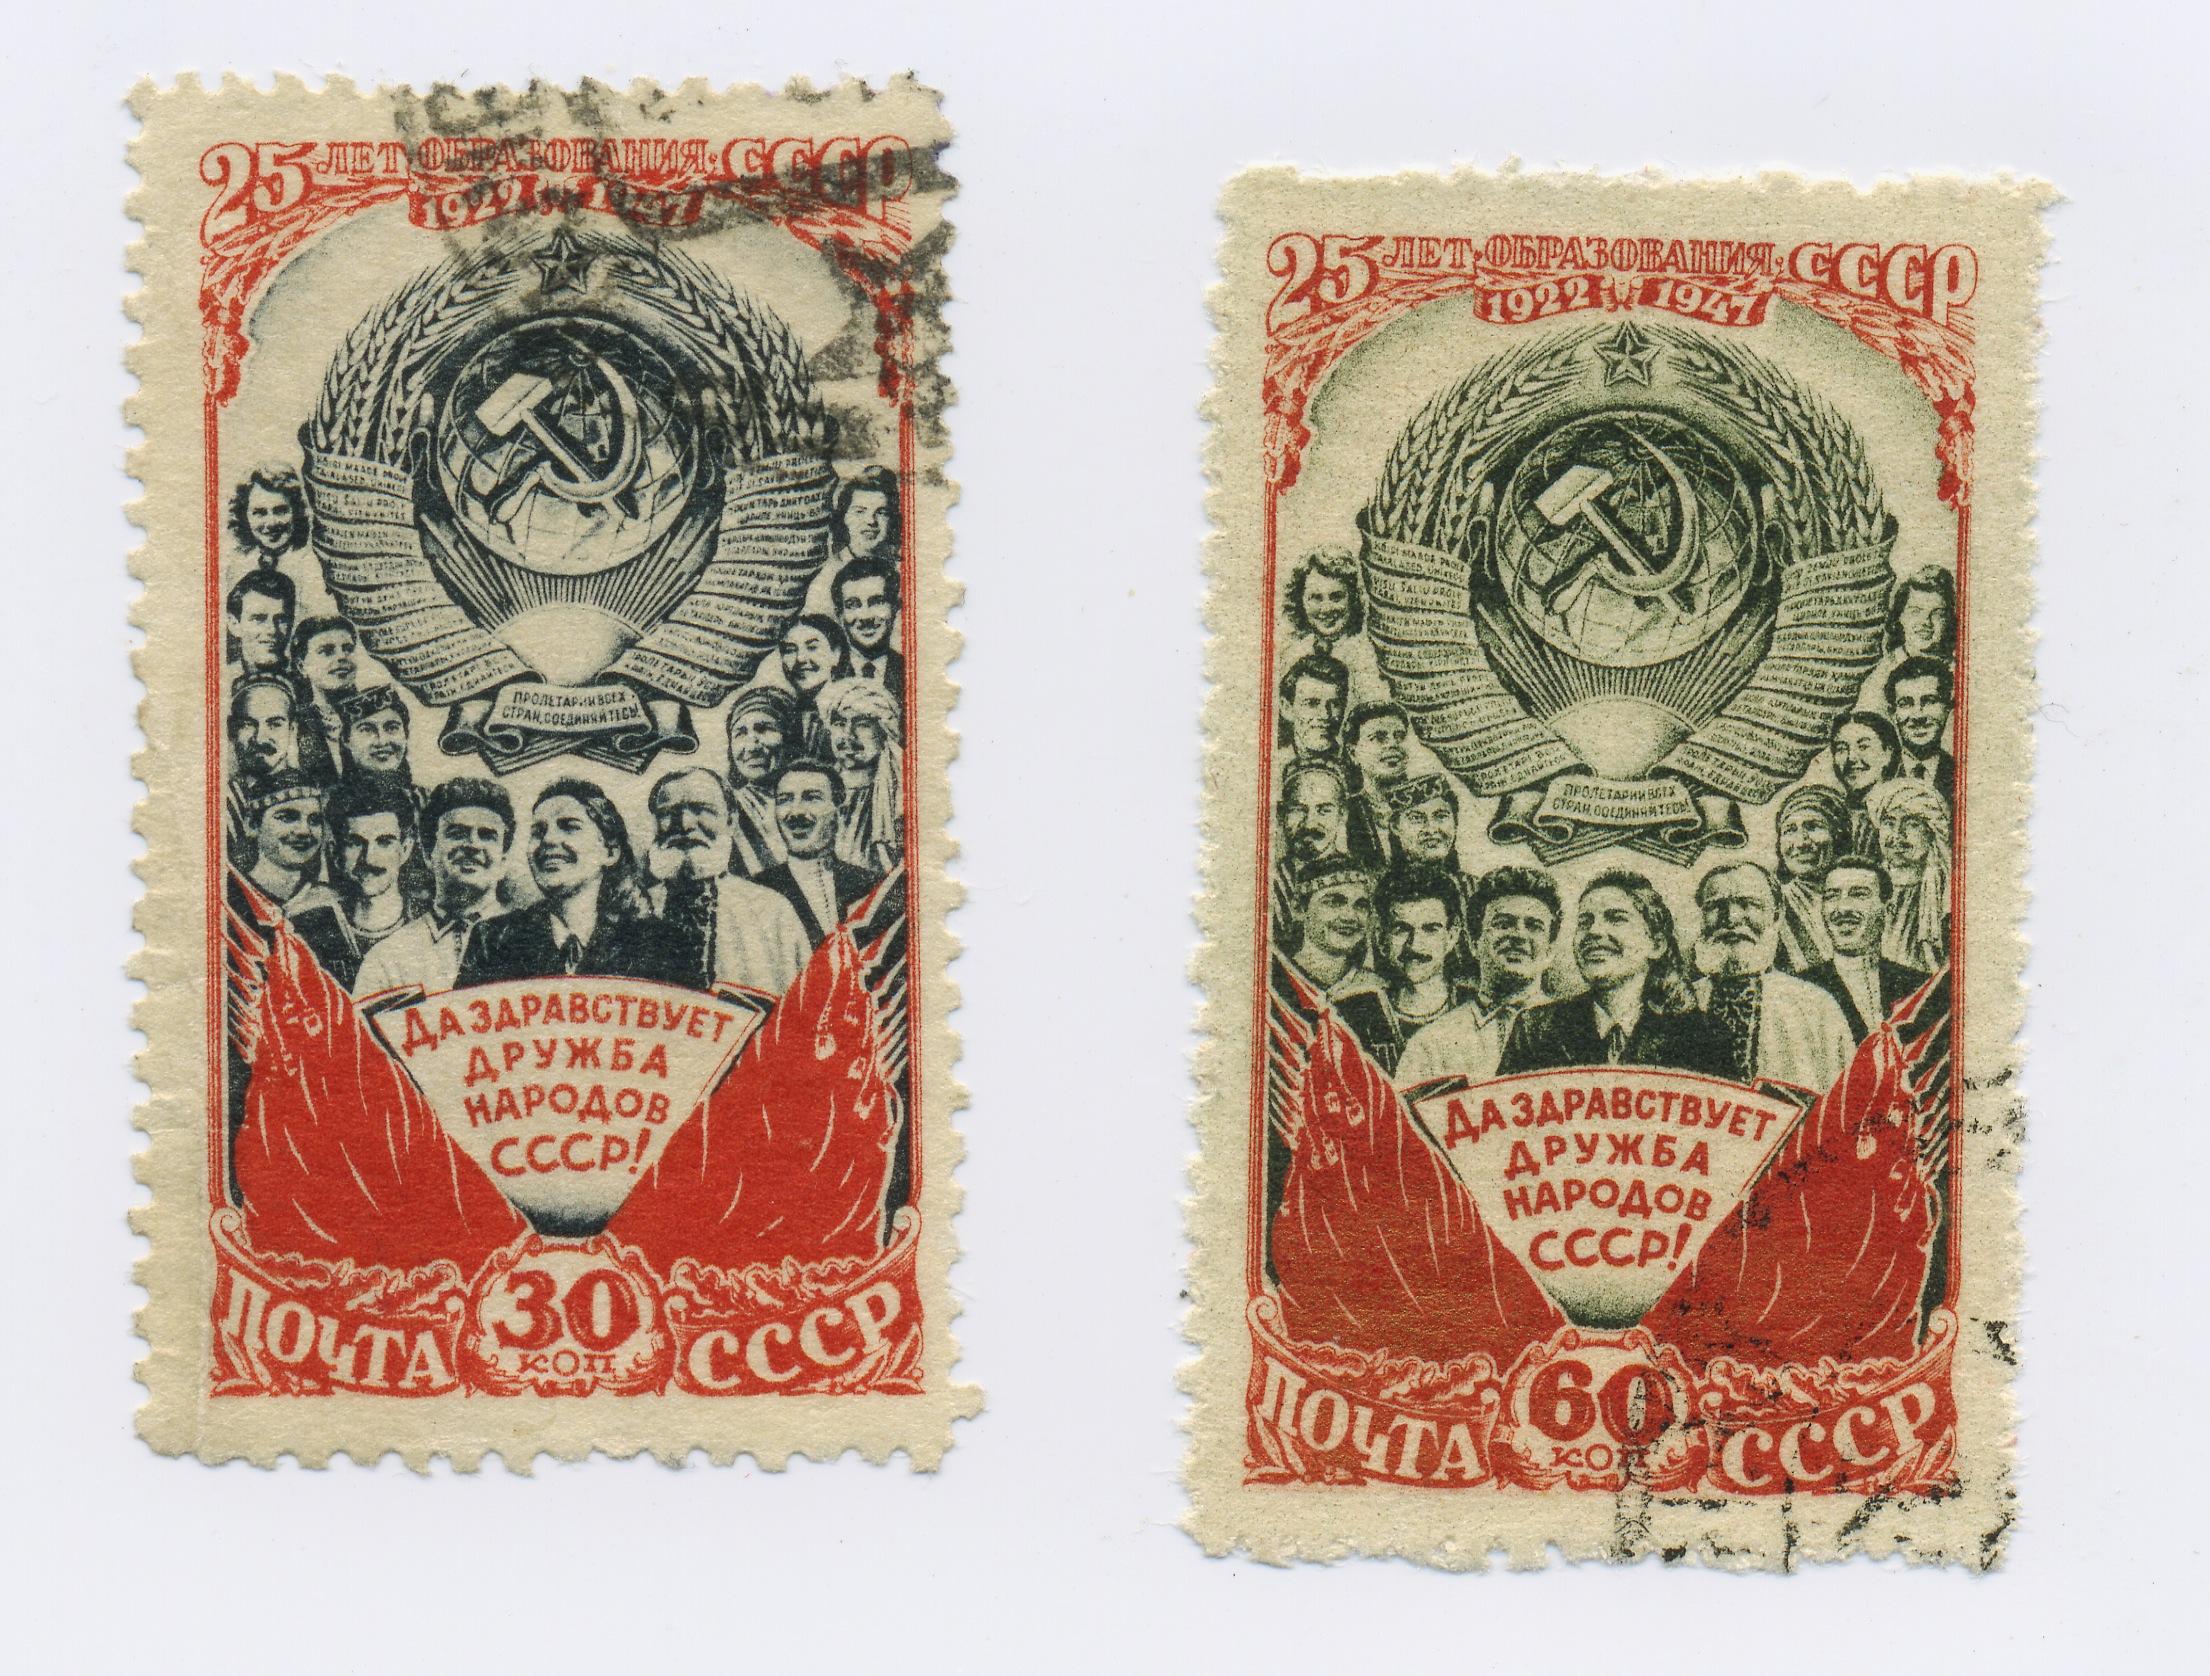 Почтовые марки посвященные 25-летию со дня образования СССР